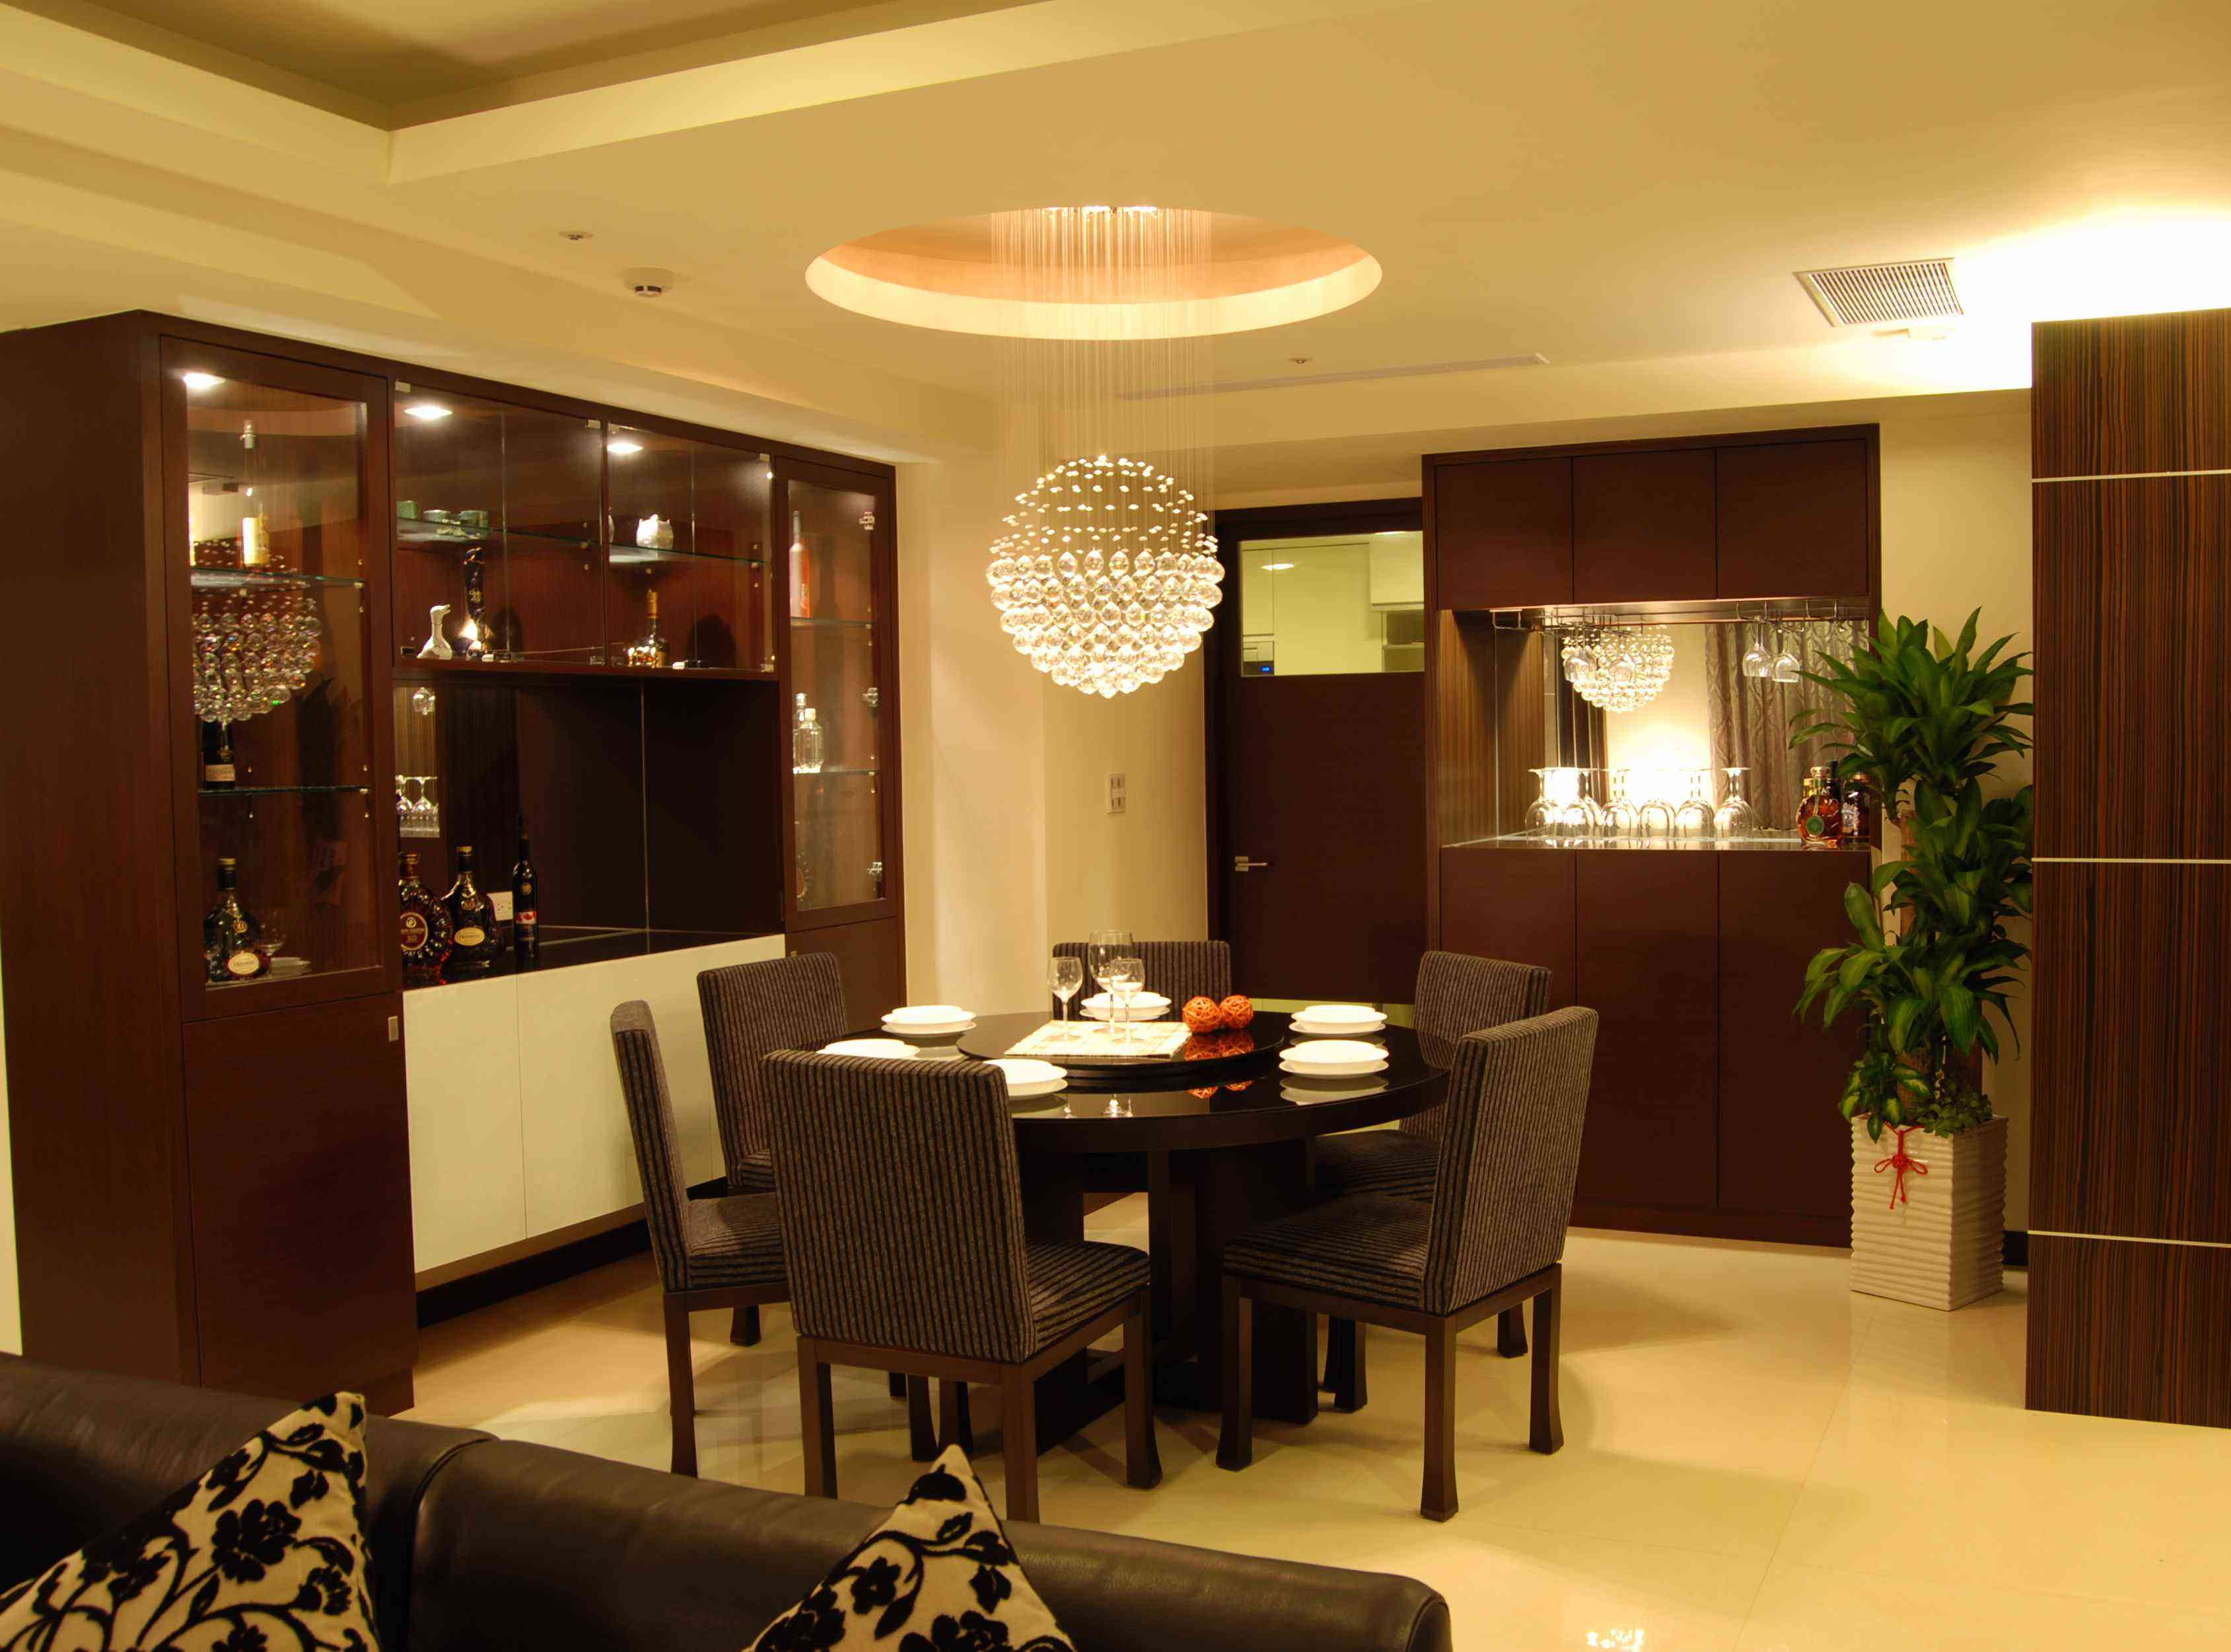 咖啡色中式現代裝修風格餐廳水晶吊燈裝飾圖